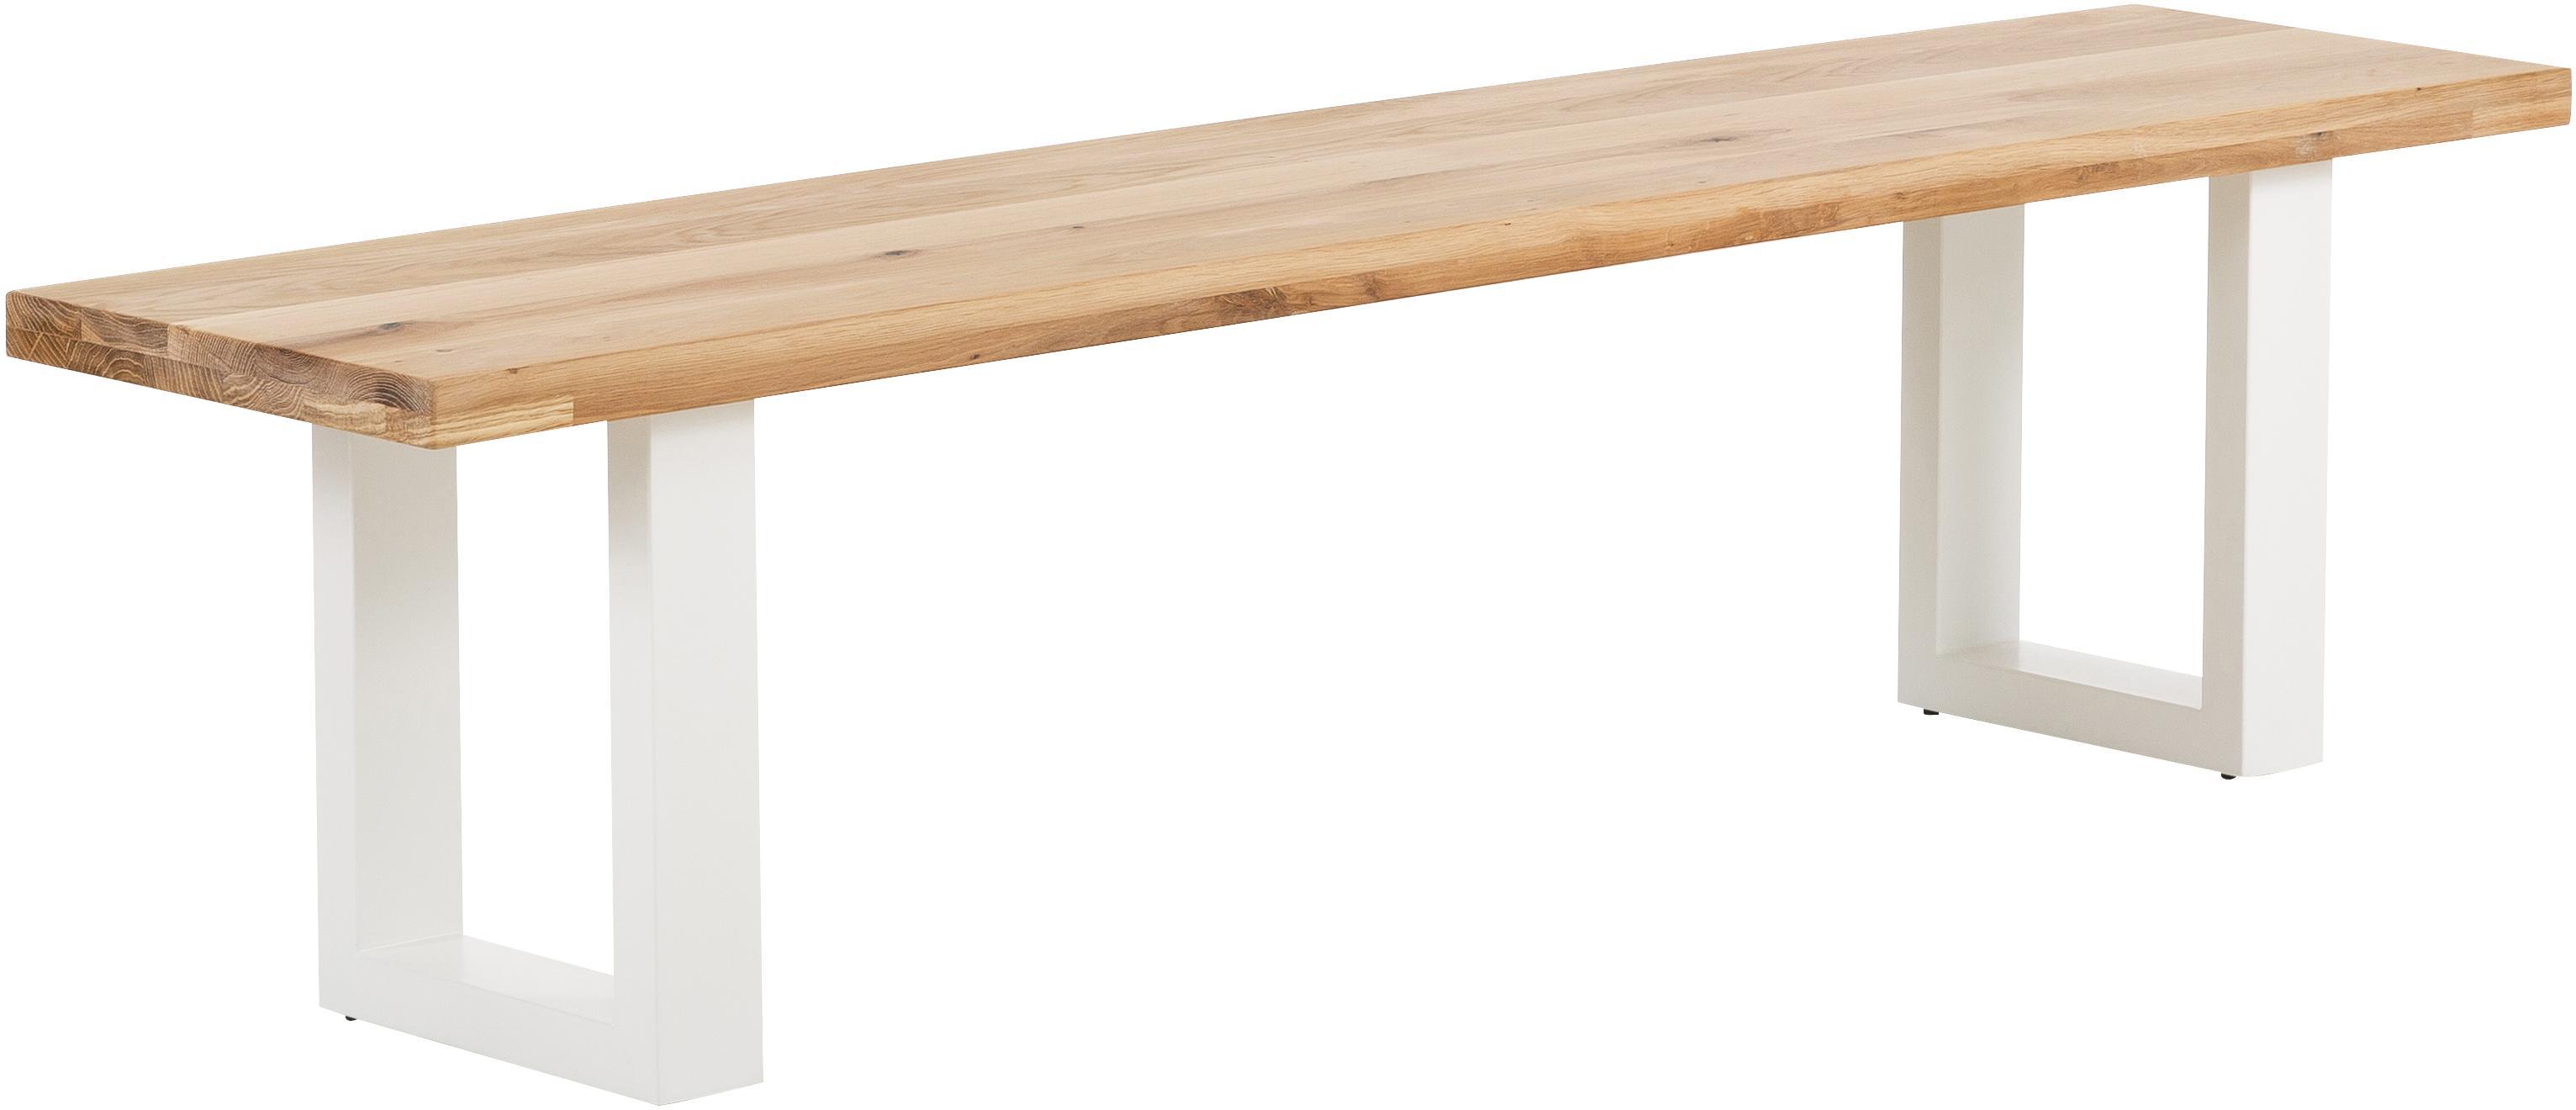 Panca in legno di quercia Oliver, Seduta: Quercia selvatica europea, Gambe: acciaio laccato opaco Il , Seduta: quercia selvatica gambe: bianco, Larg. 180 x Alt. 45 cm